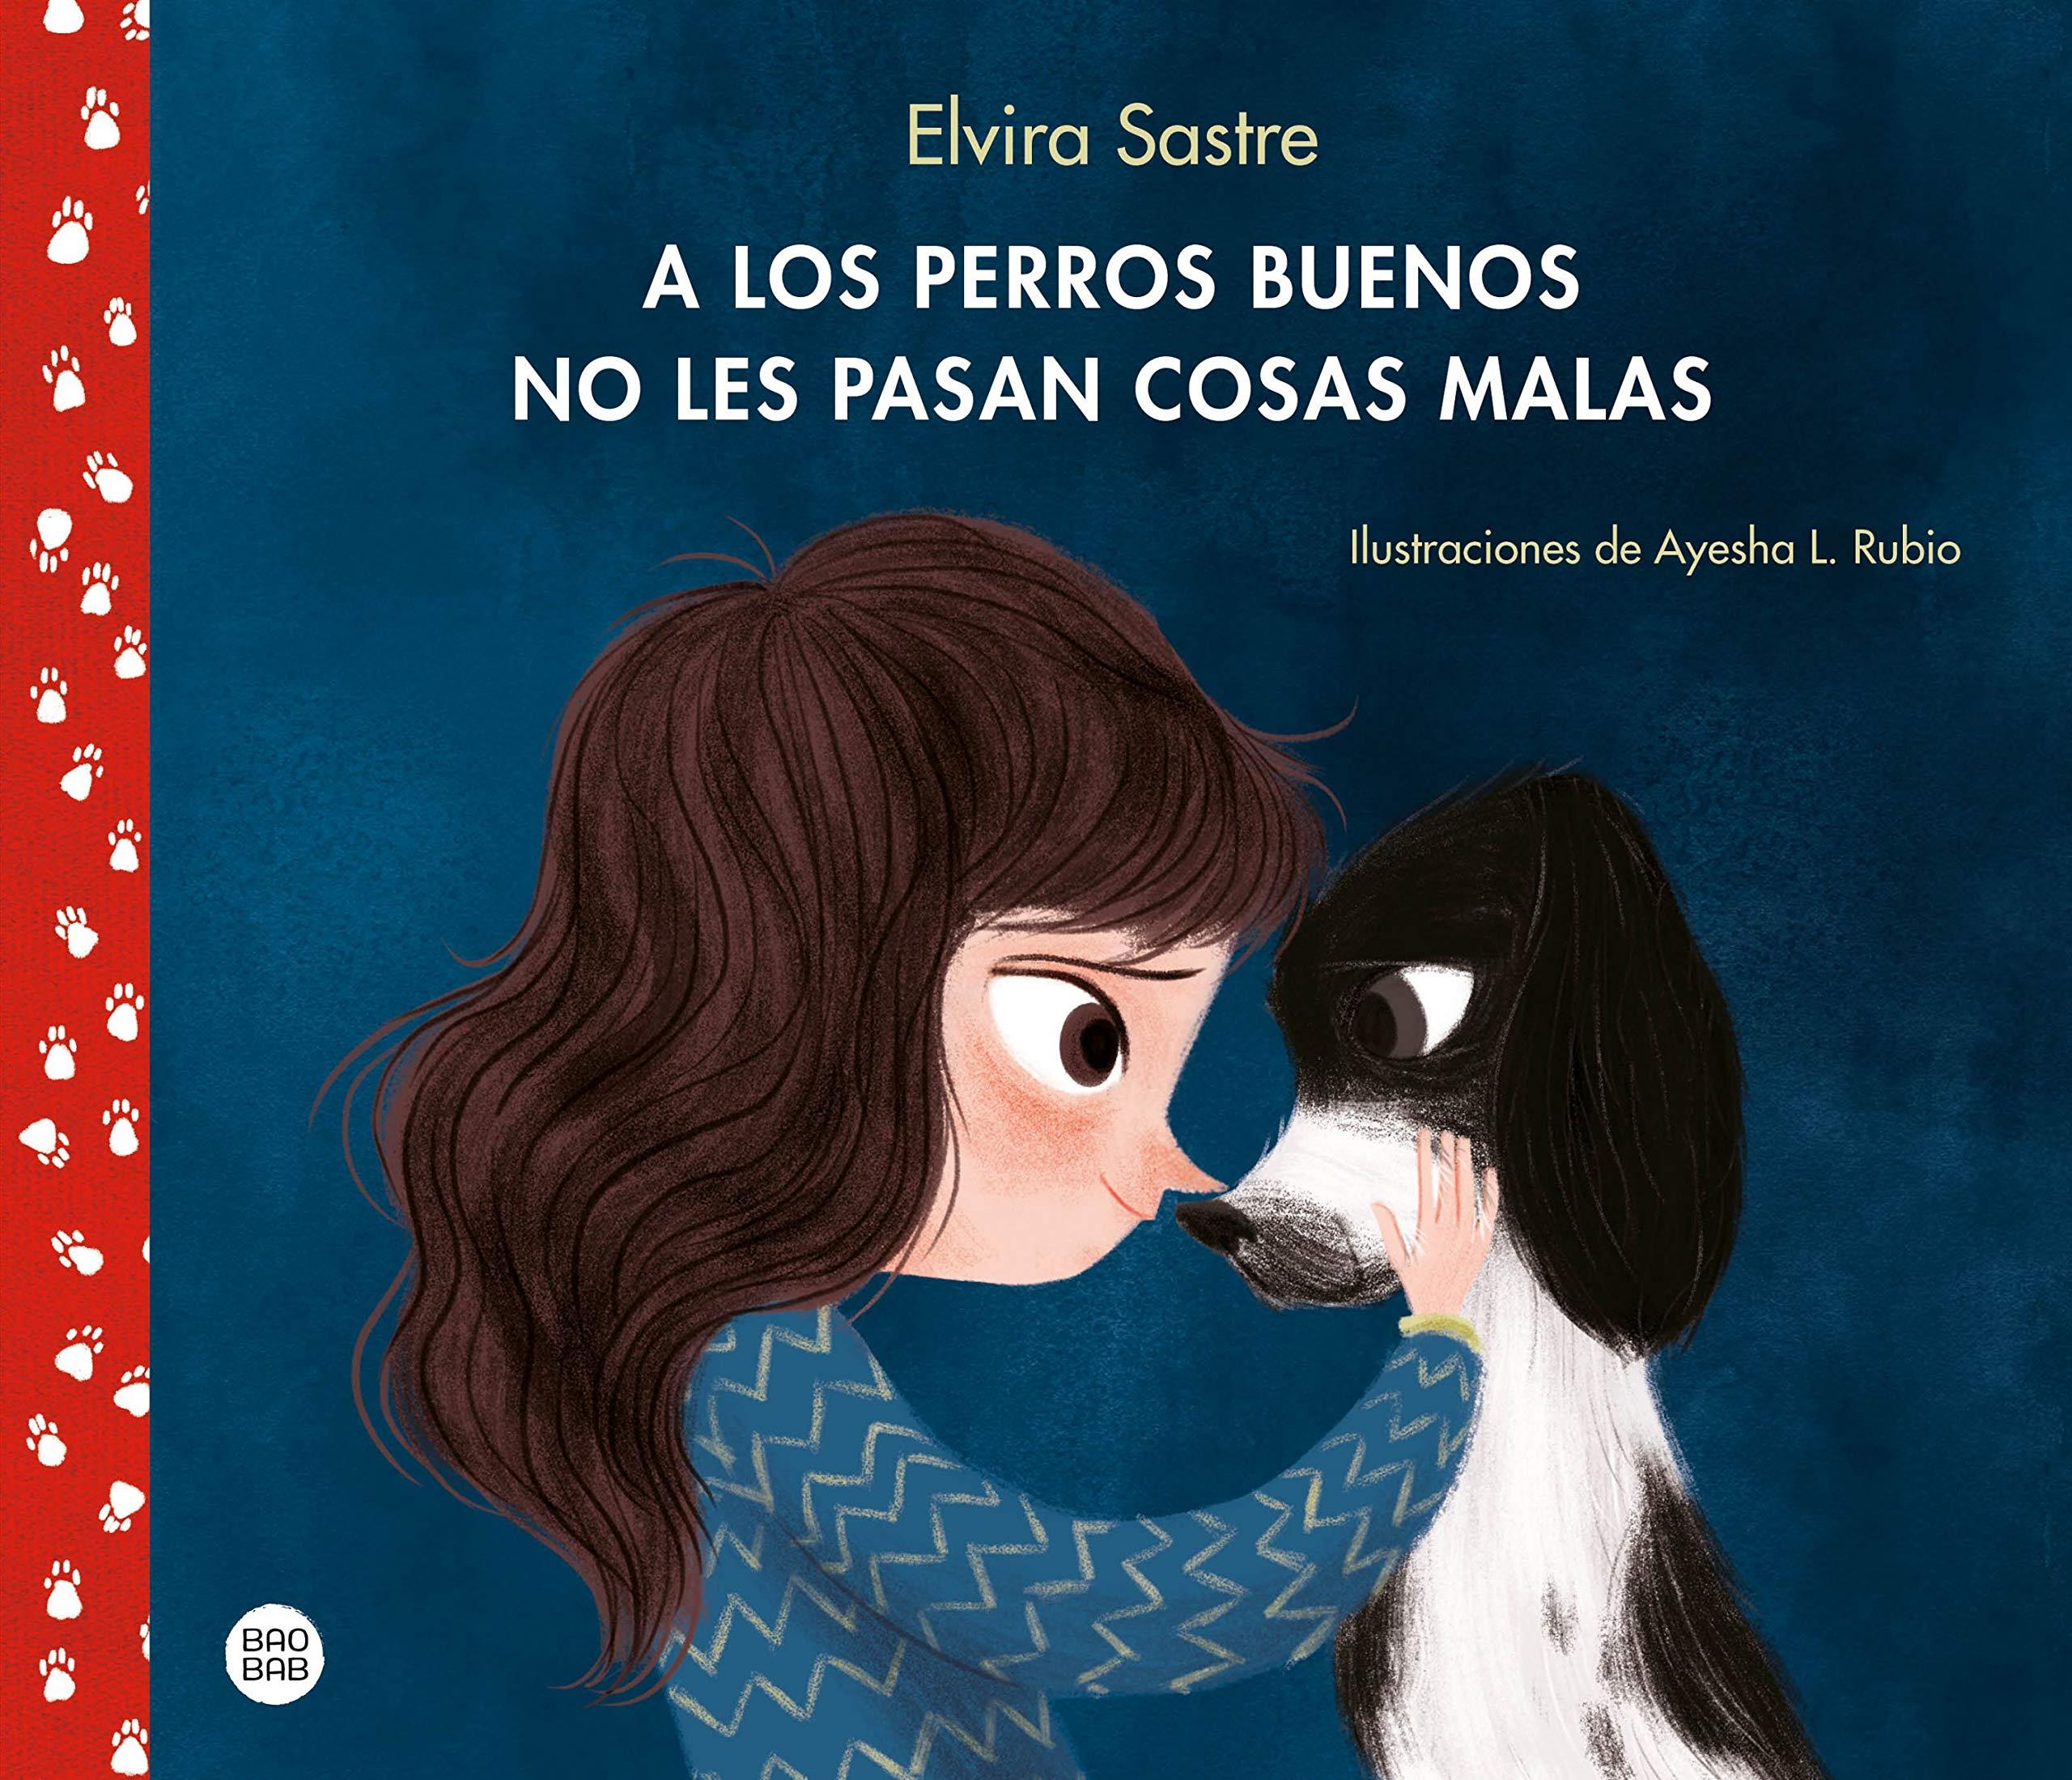 A los perros buenos no les pasan cosas malas (Baobab): Amazon.es: Sastre,  Elvira, Rubio, Ayesha L.: Libros